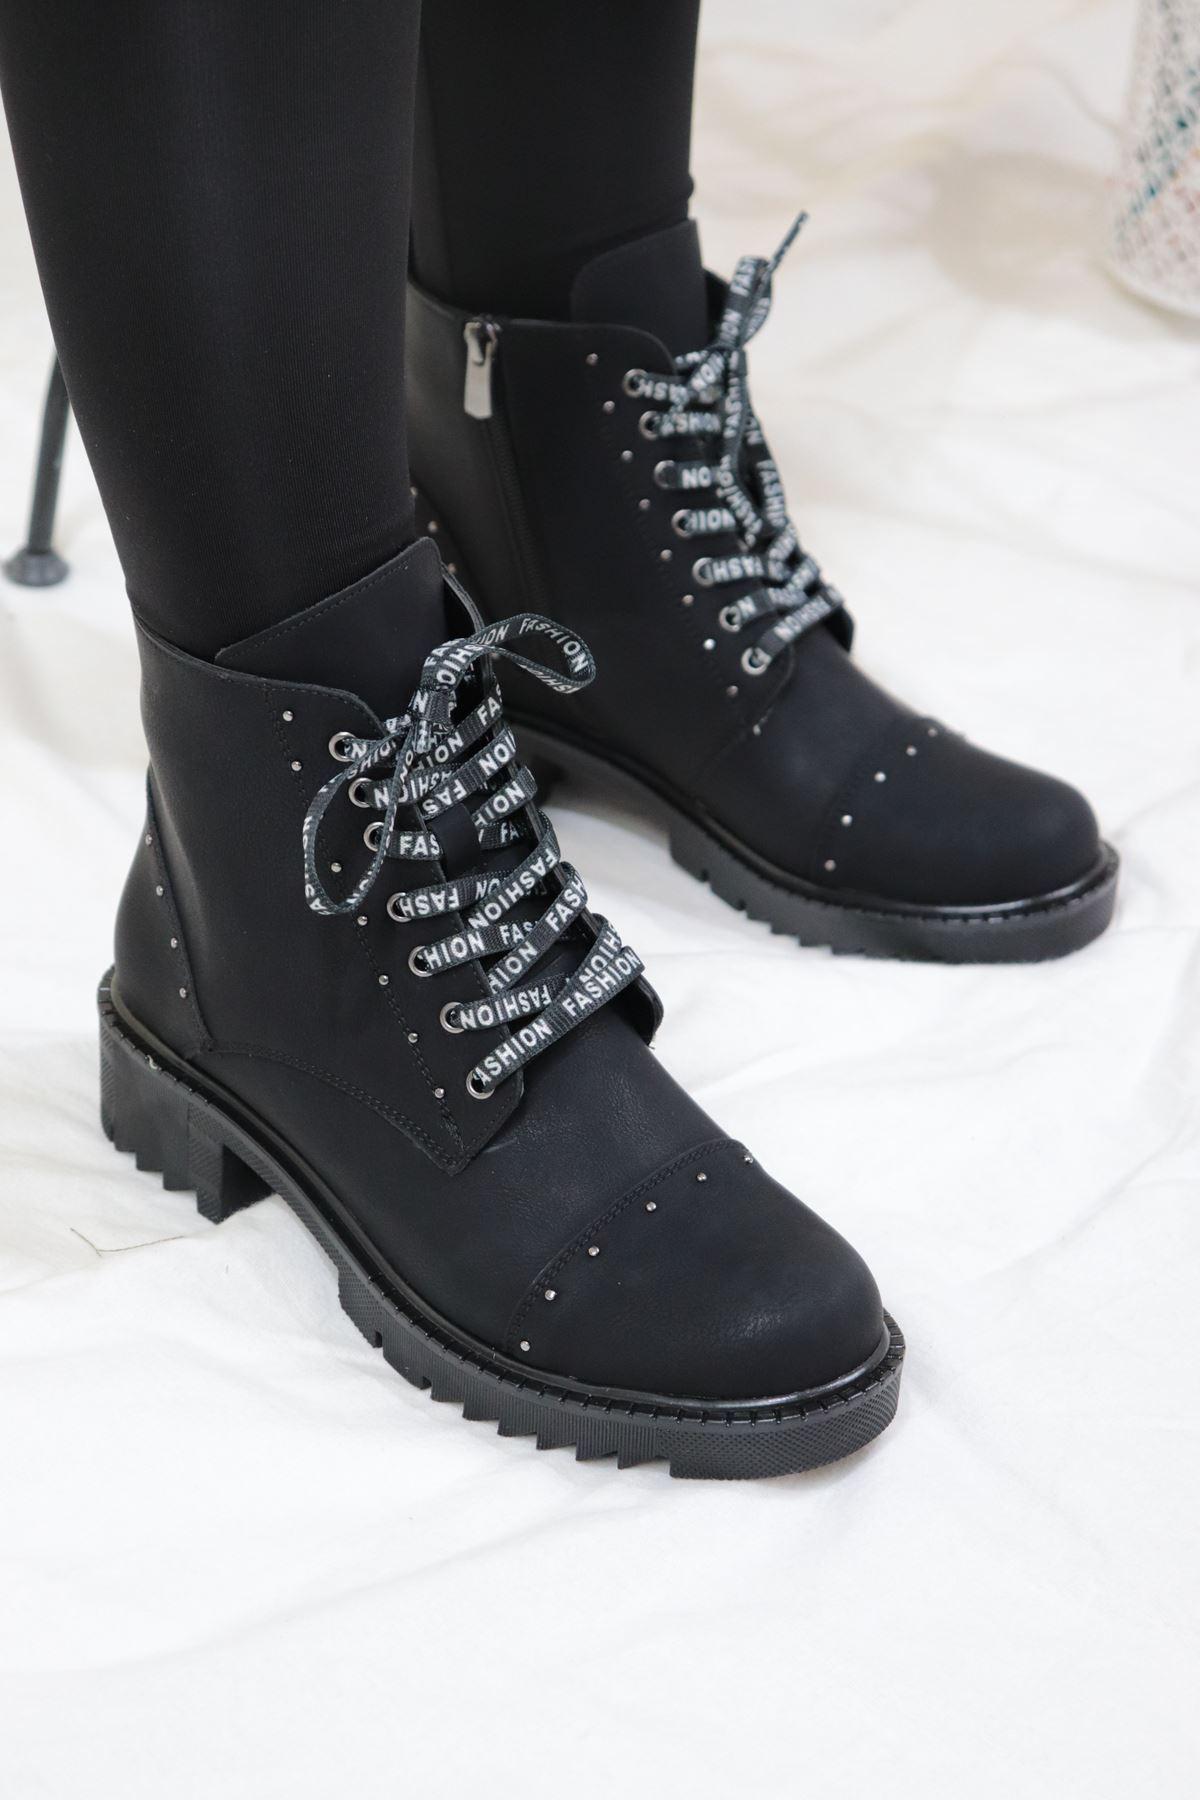 Trendayakkabı - Siyah Nubuk Kadın Bot